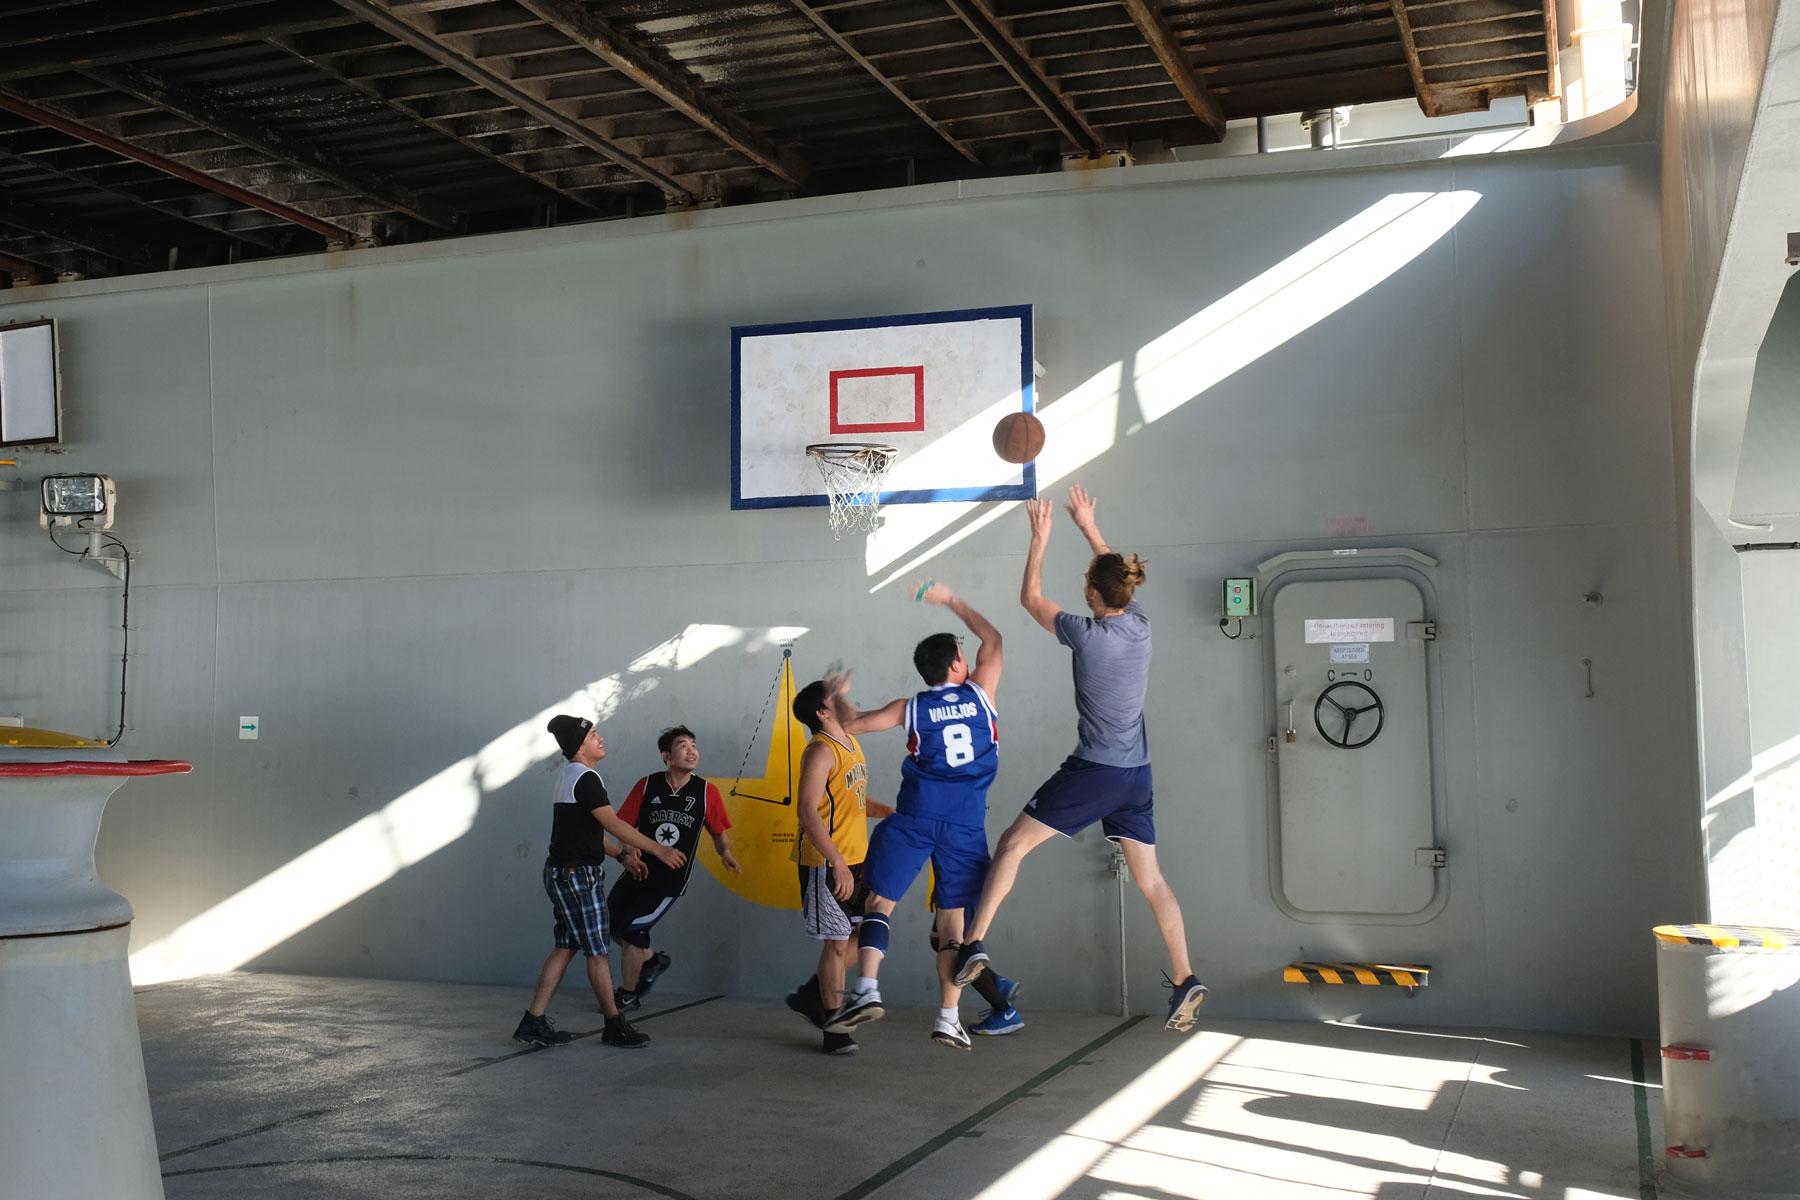 Sebastian spielt mit der Crew Basketball.